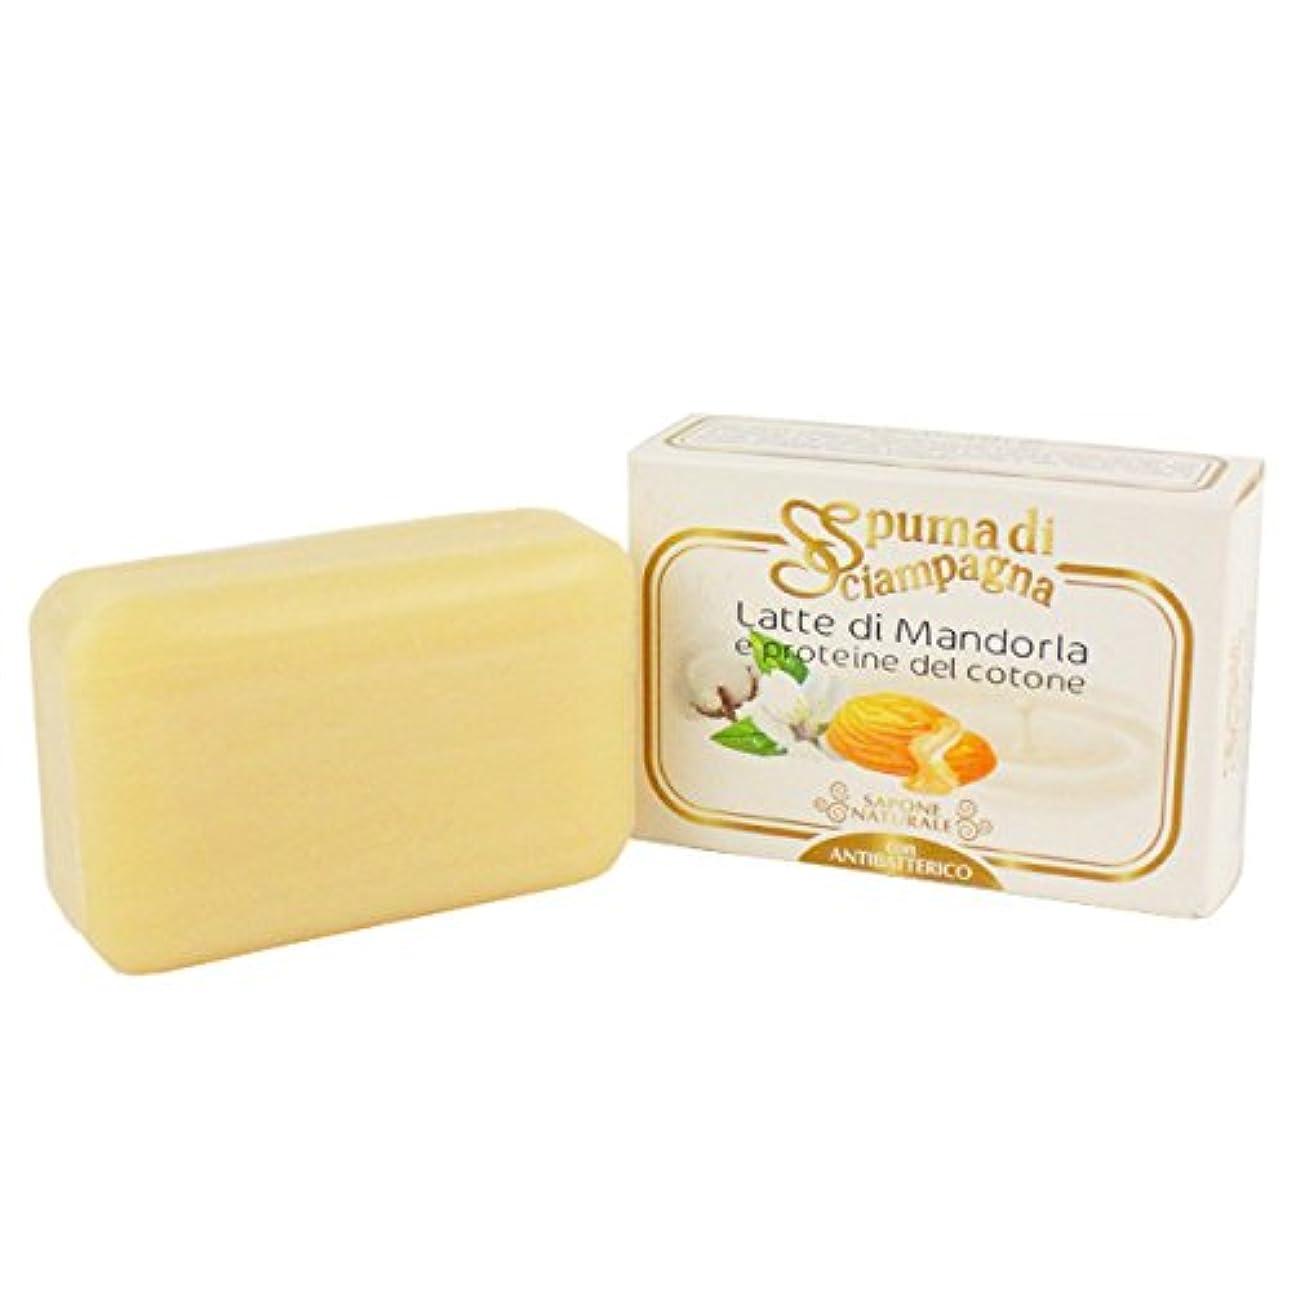 長老一口広範囲にSpuma di Sciampagna (スプーマ ディ シャンパーニャ) ナチュラルソープ 化粧石けん 145g アーモンドの香り